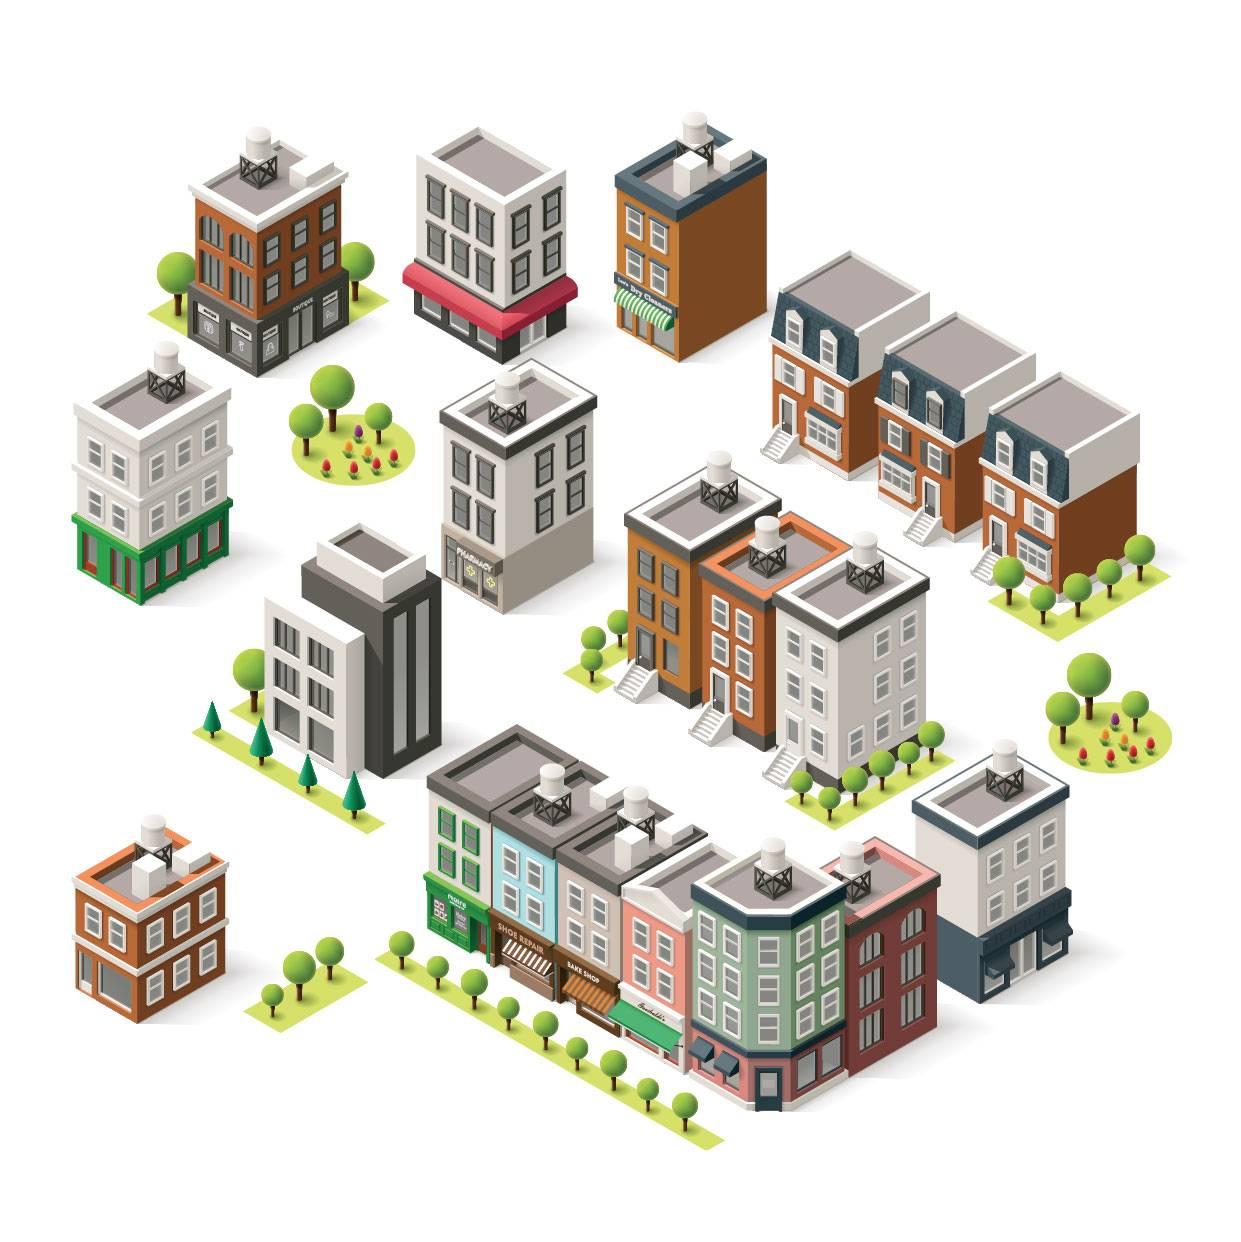 卡通城市建筑 等距建筑 城市卡通 卡通街景 等距视图 模型设计 立体建筑 时尚元素 现代3D 城市插画 房屋插图卡通设计